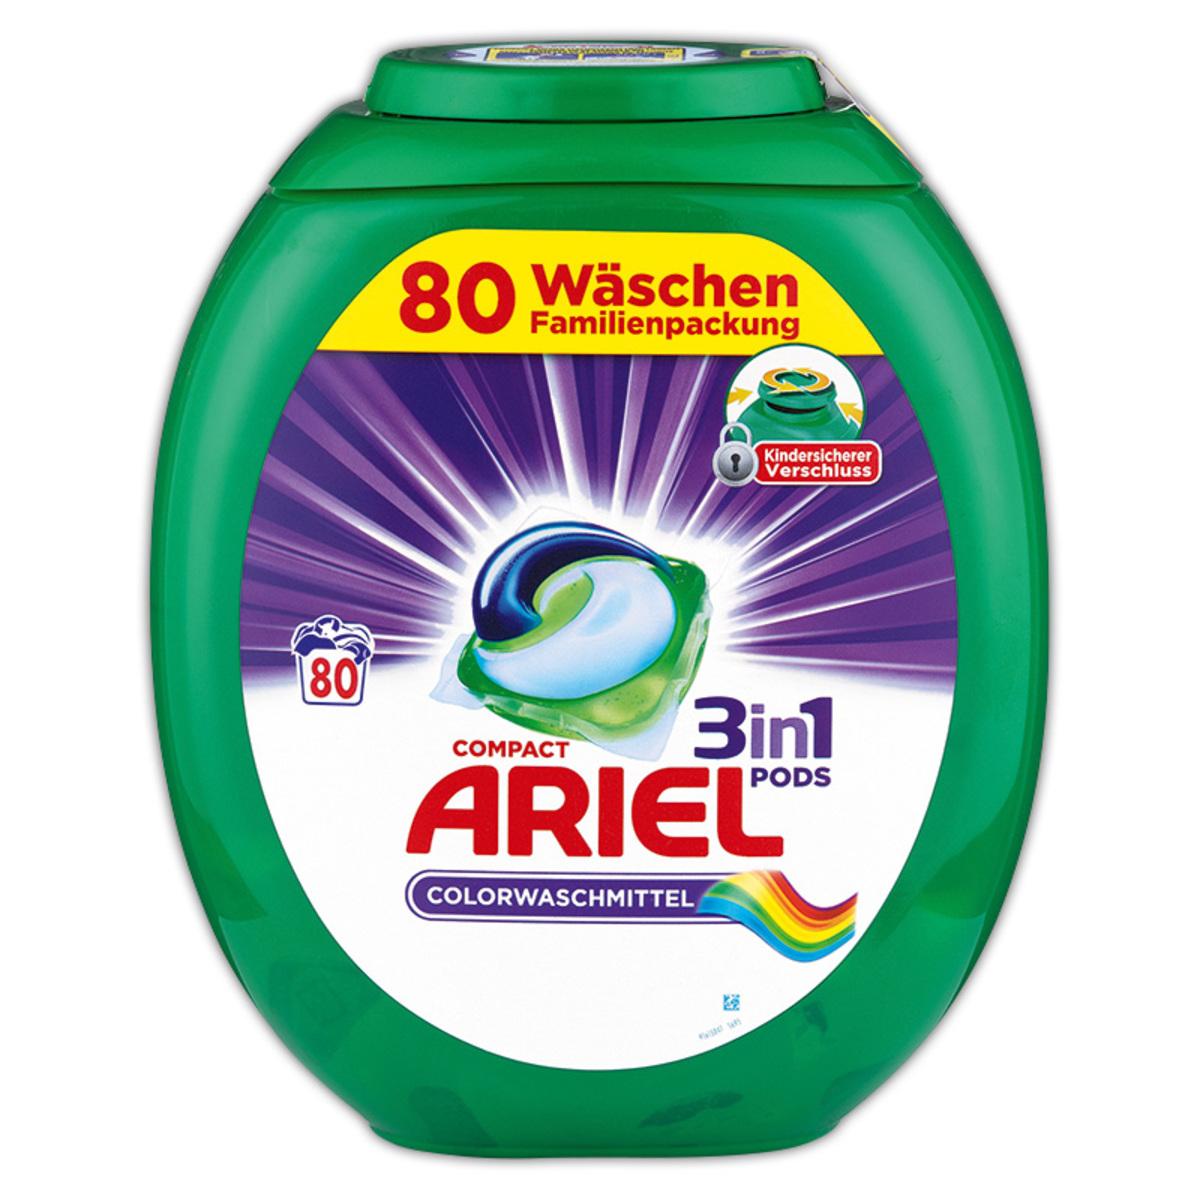 Bild 3 von Ariel 3in1 Pods